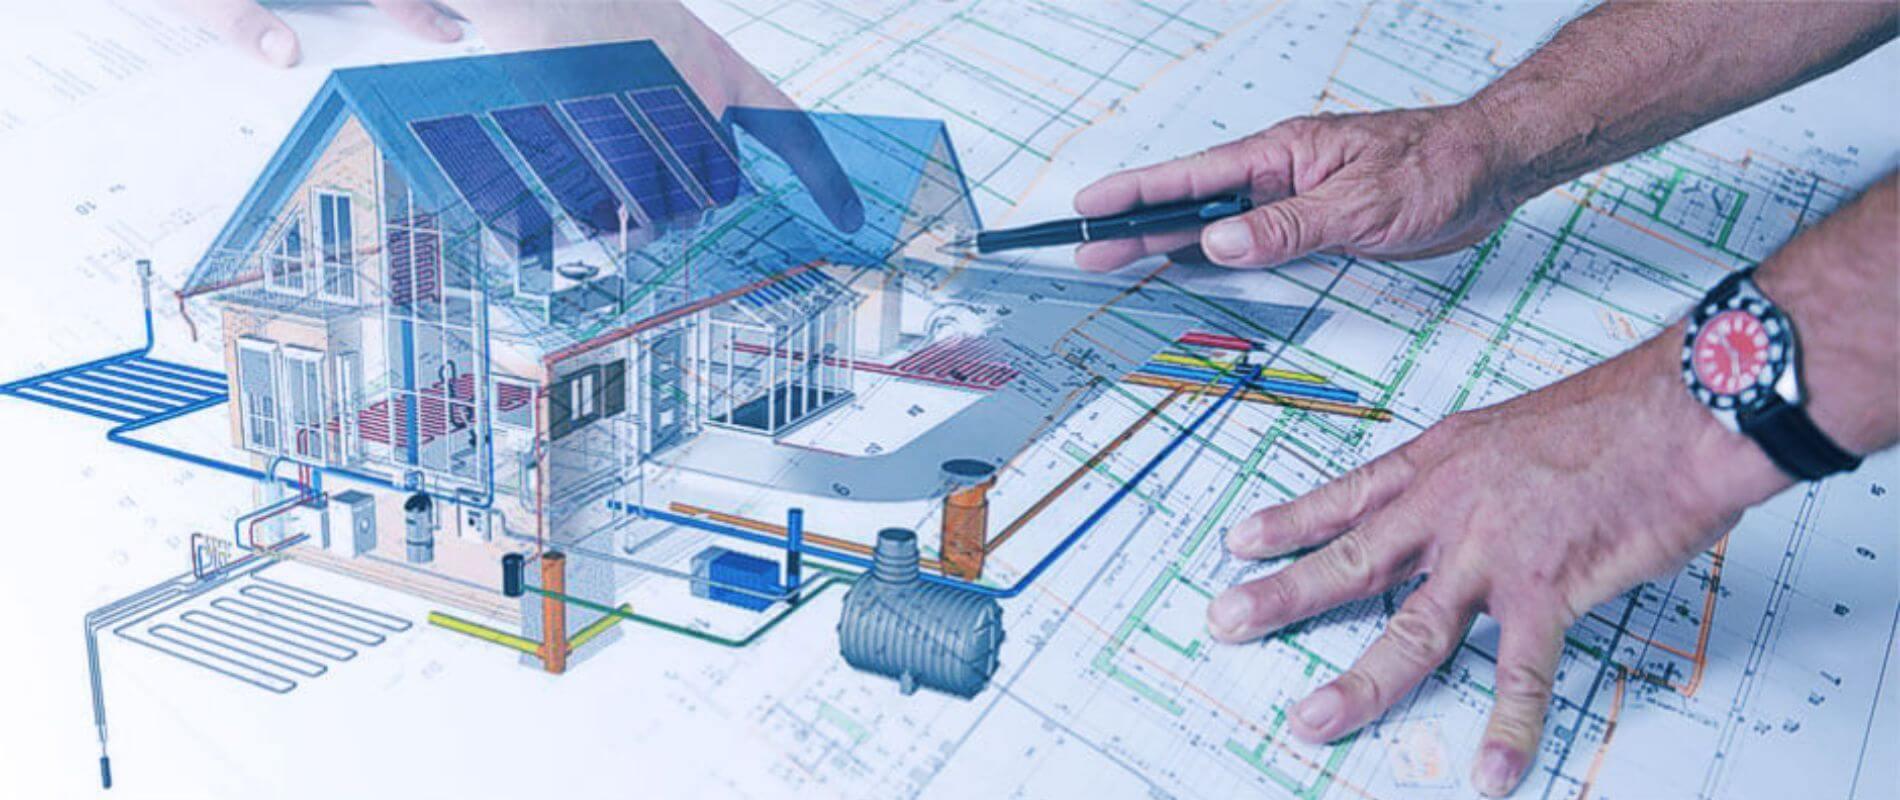 УМД МДК 02.01 т 2.7 Обследование и ремонт инженерных сетей